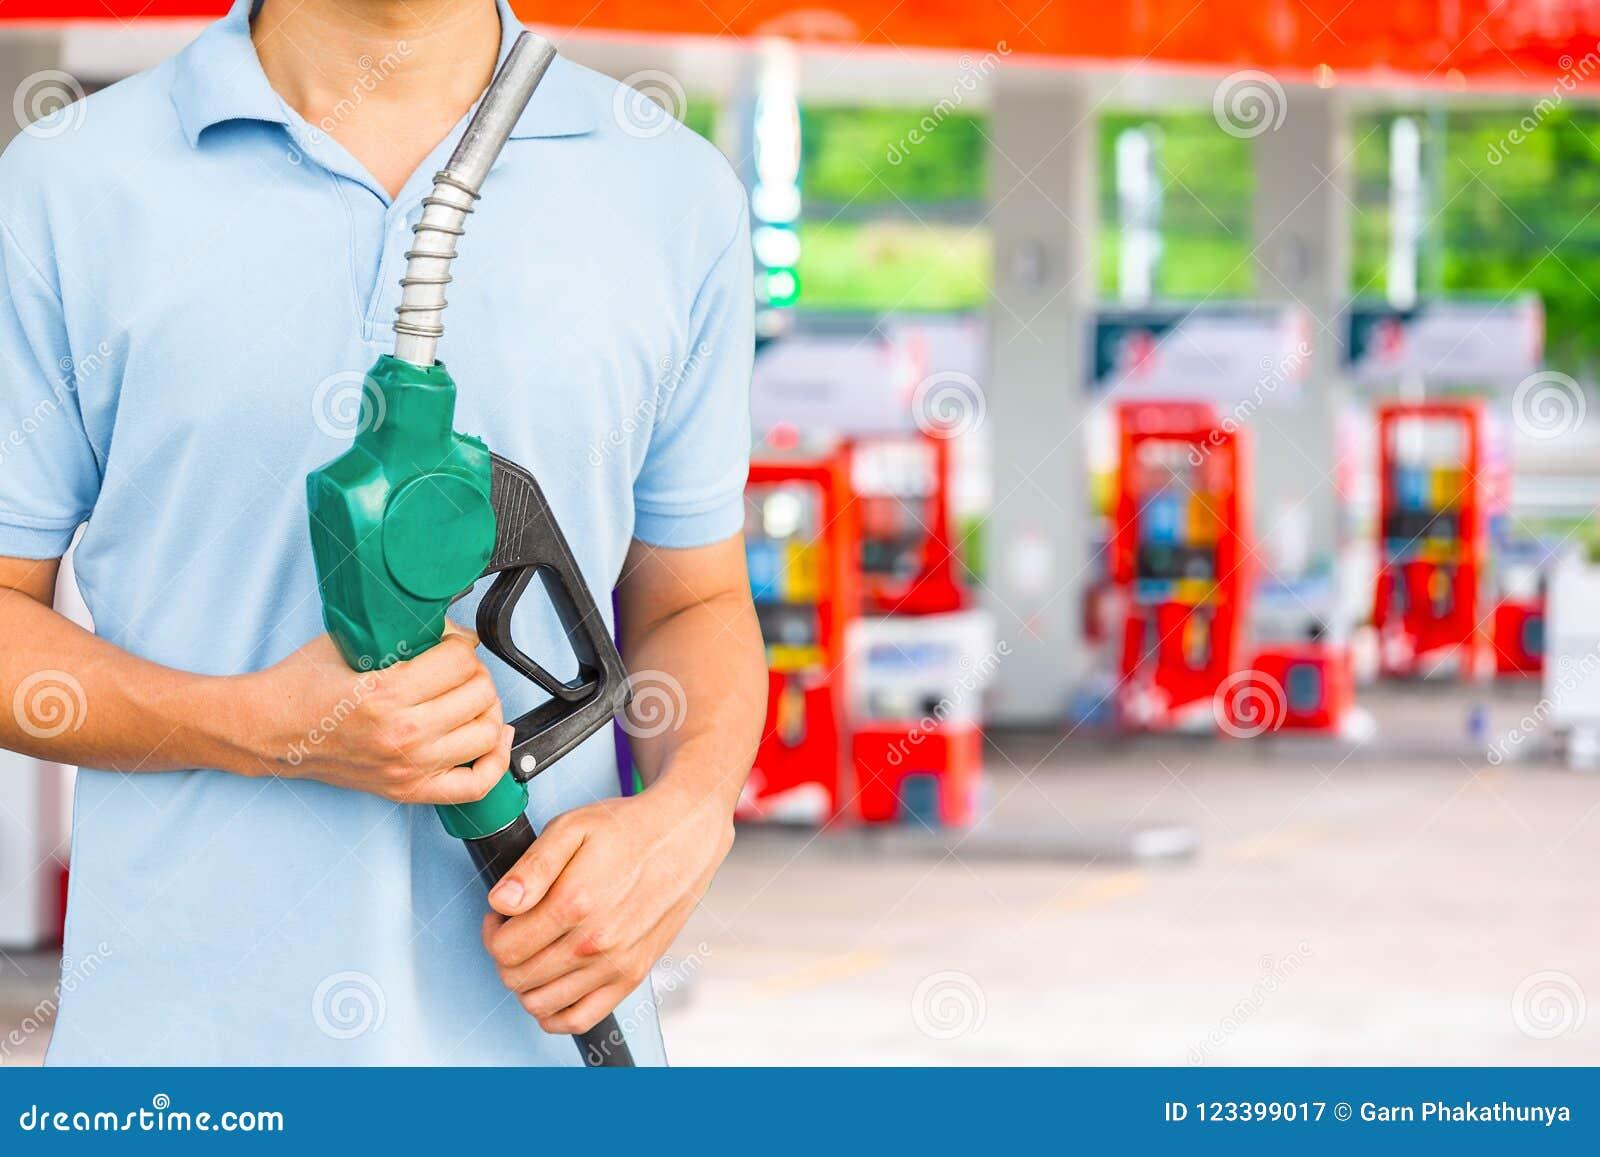 Equipe o bocal de combustível da posse para adicionar o combustível no carro no posto de gasolina